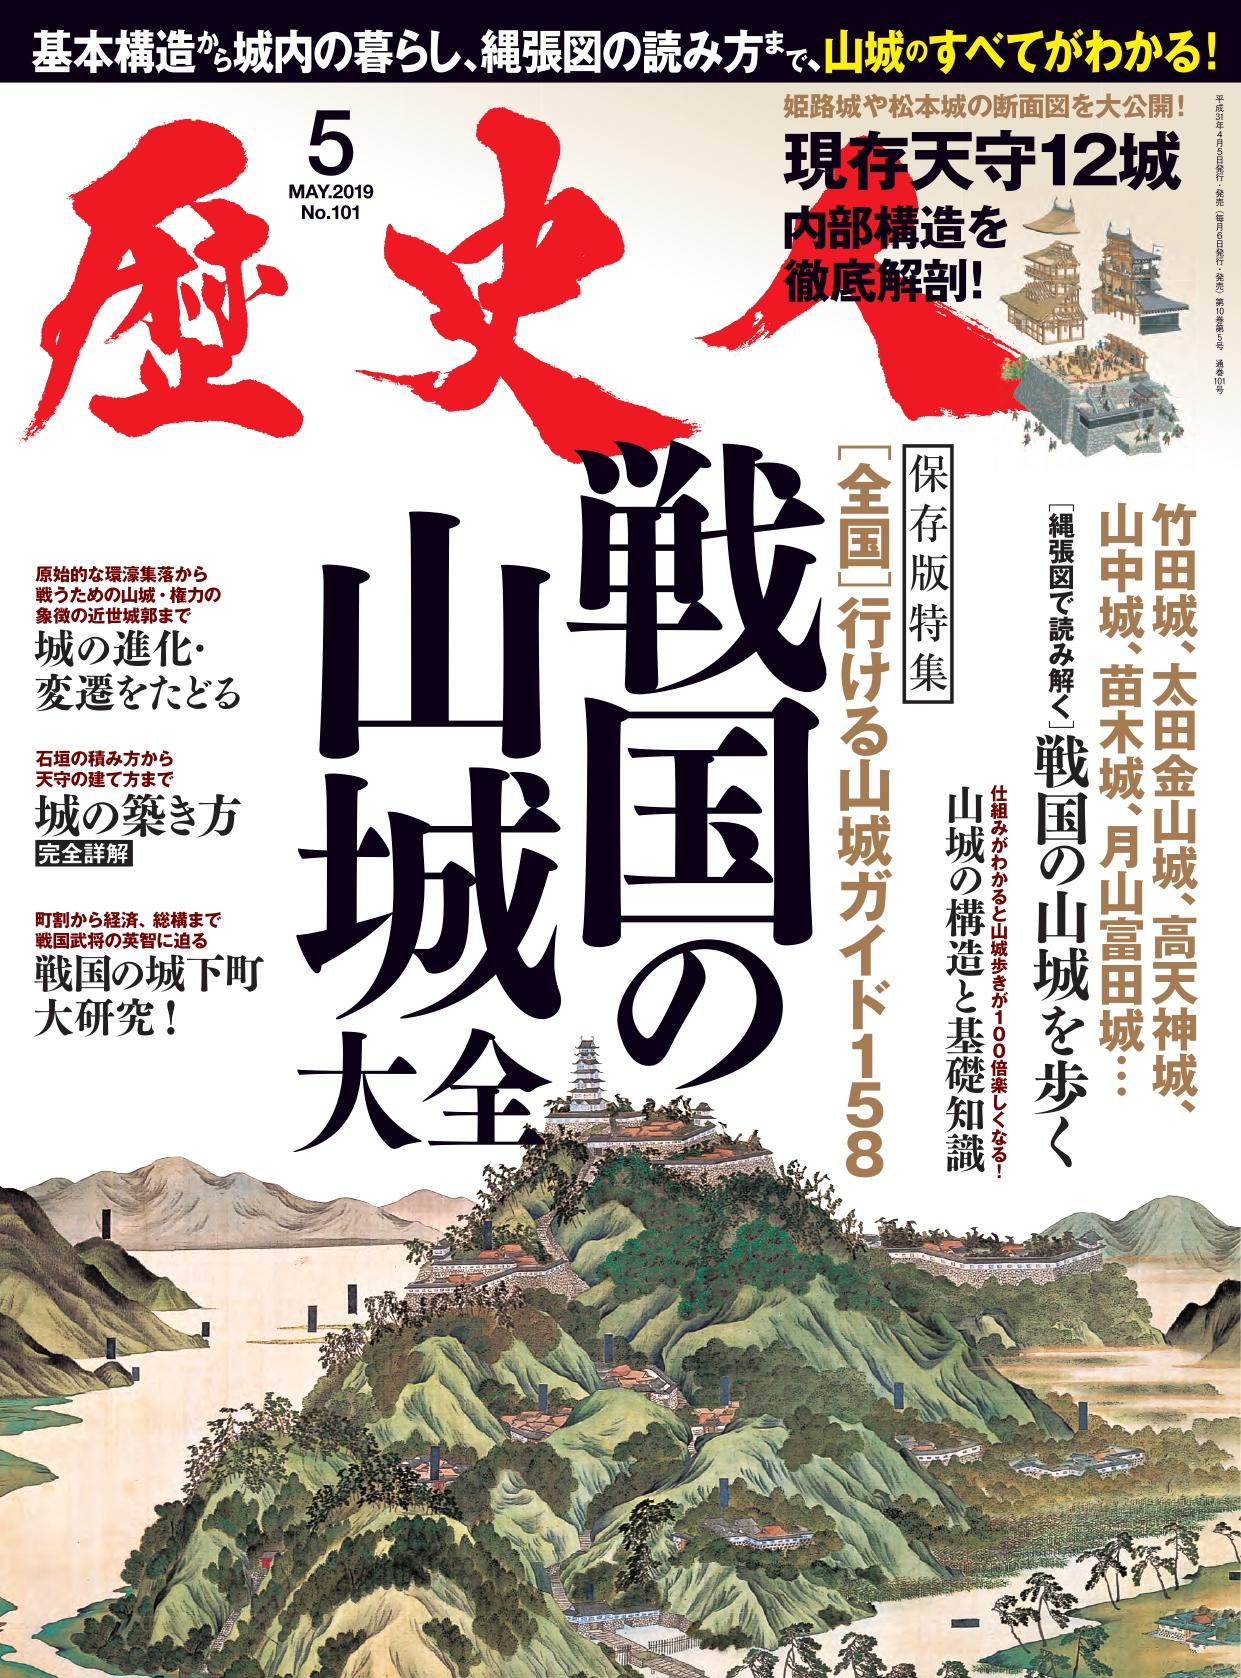 特集【戦国の山城大全・縄張図で読み解く158】